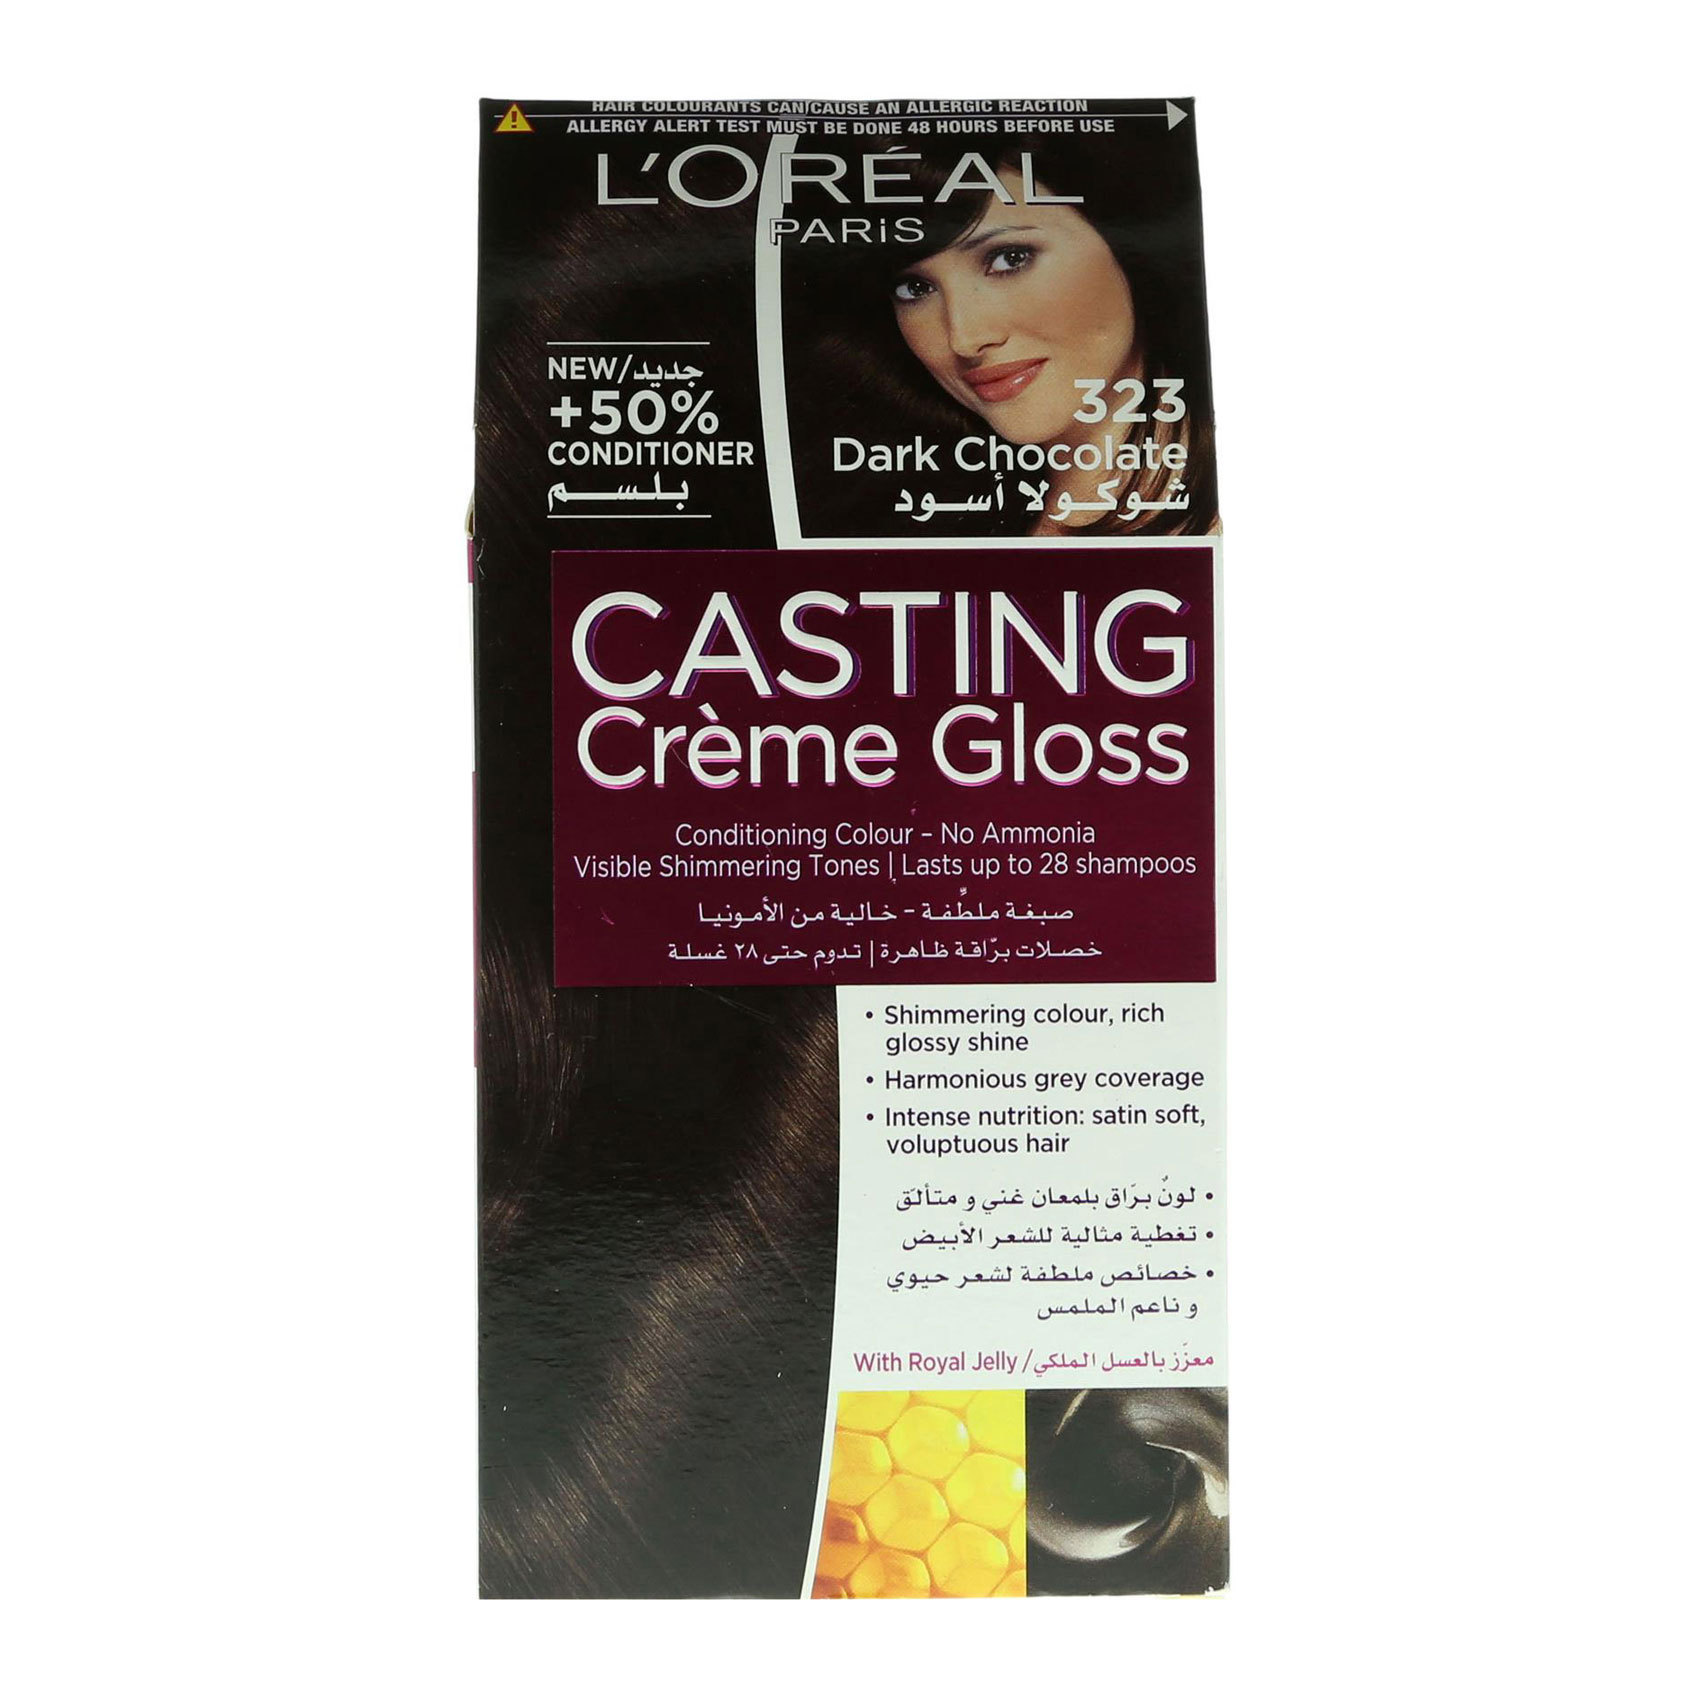 CASTING CREAM GLOSS 323 DARK CHOCO